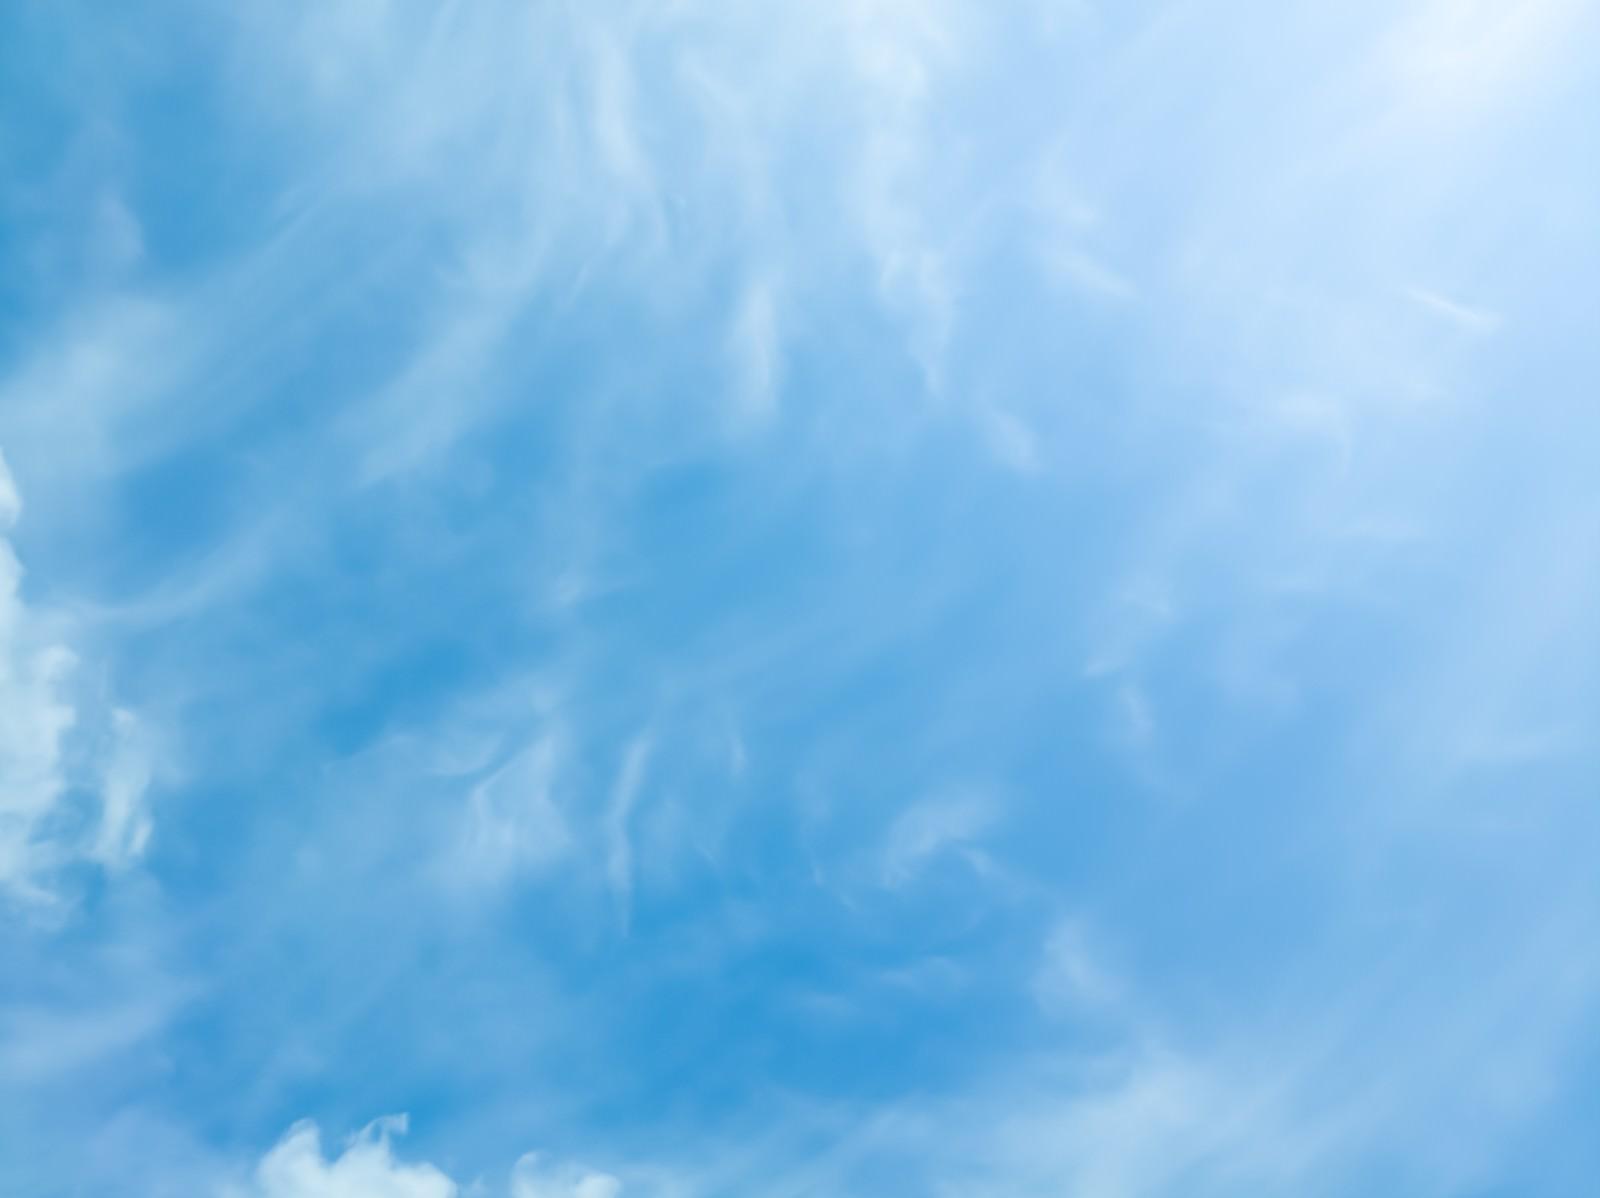 「薄雲がかる晴天」の写真